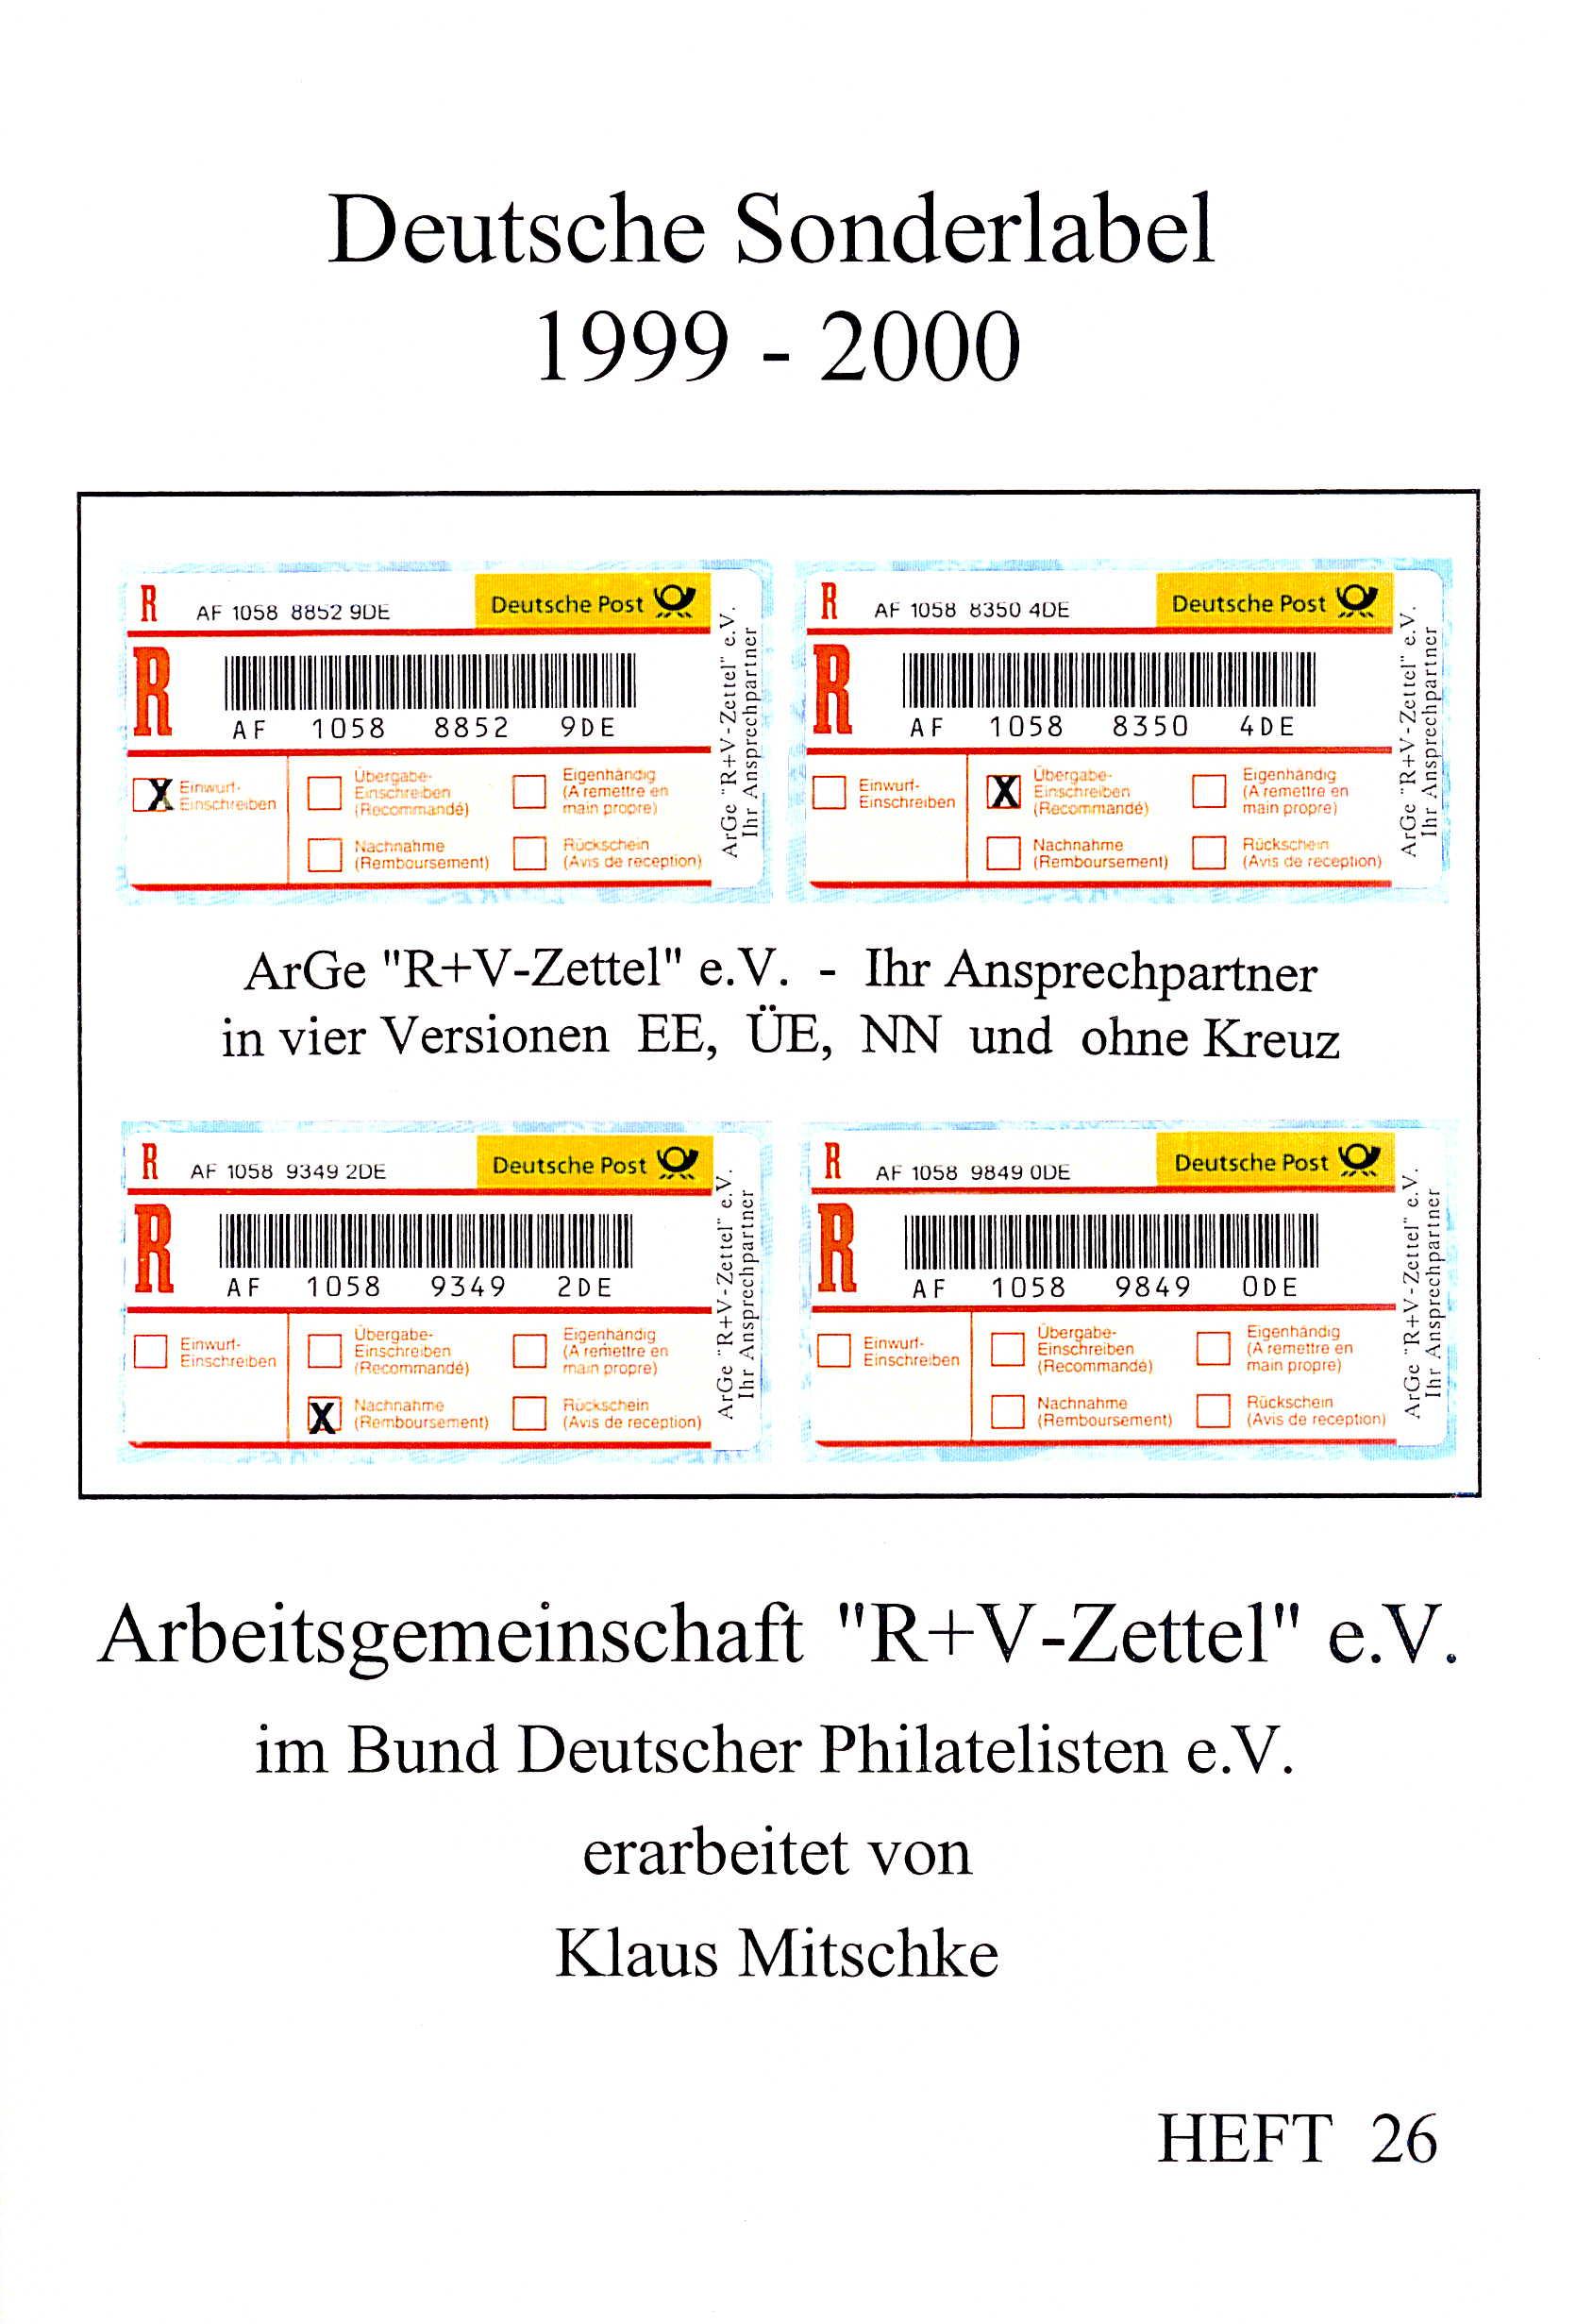 Mitschke Handbuch Deutsche Sonderlabel 1999-2000 1. Auflage 2001